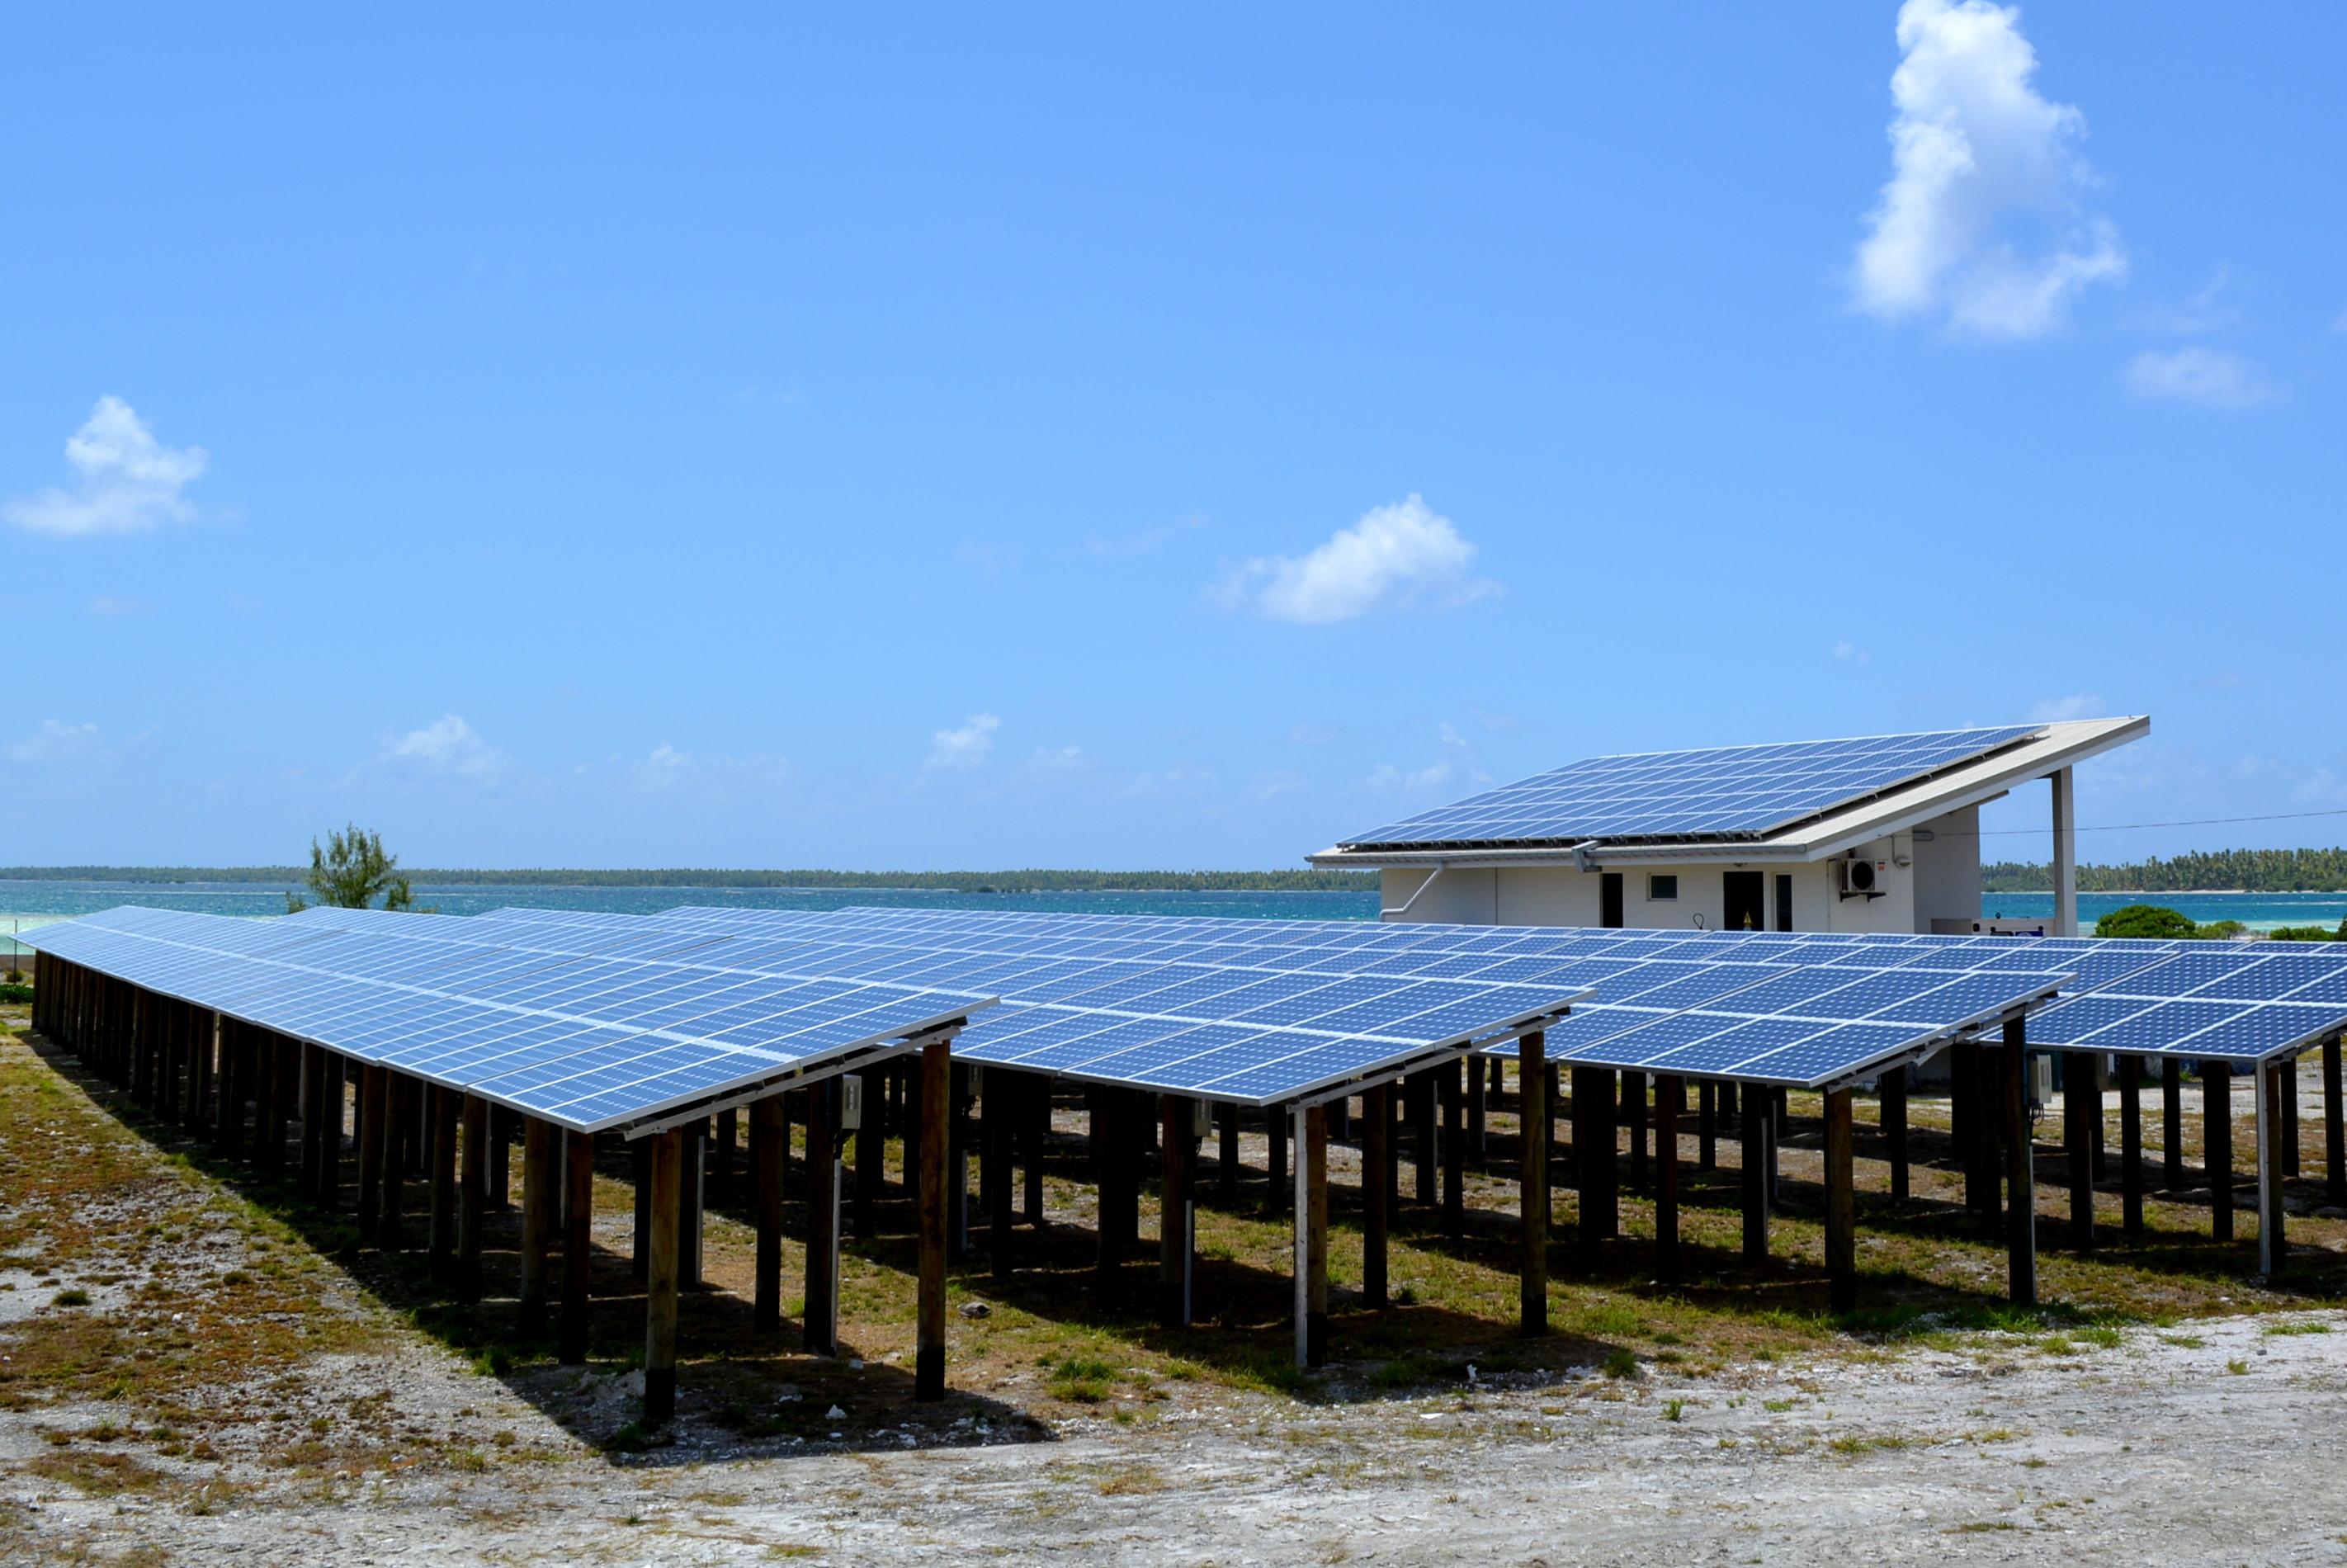 Des nouvelles centrales hybrides dans huit atolls ou îles des archipels éloignés